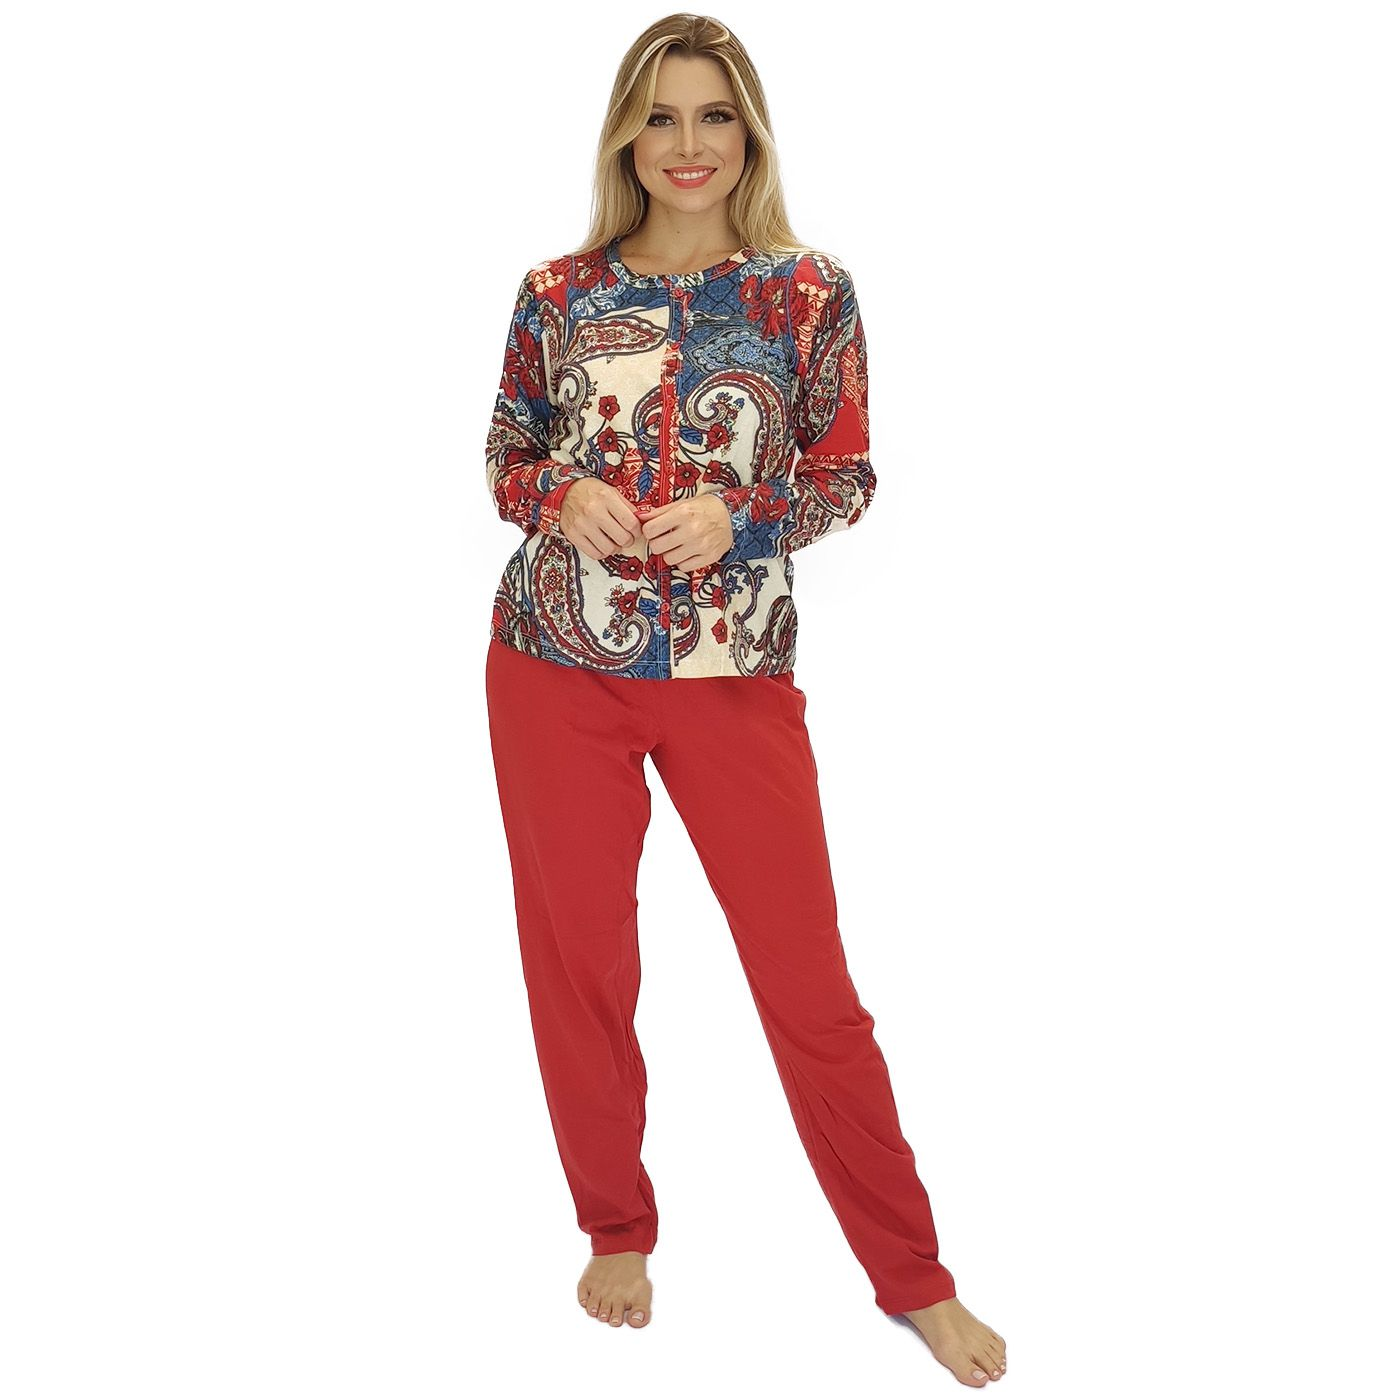 Pijama femino adulto frio blusa de botão algodão